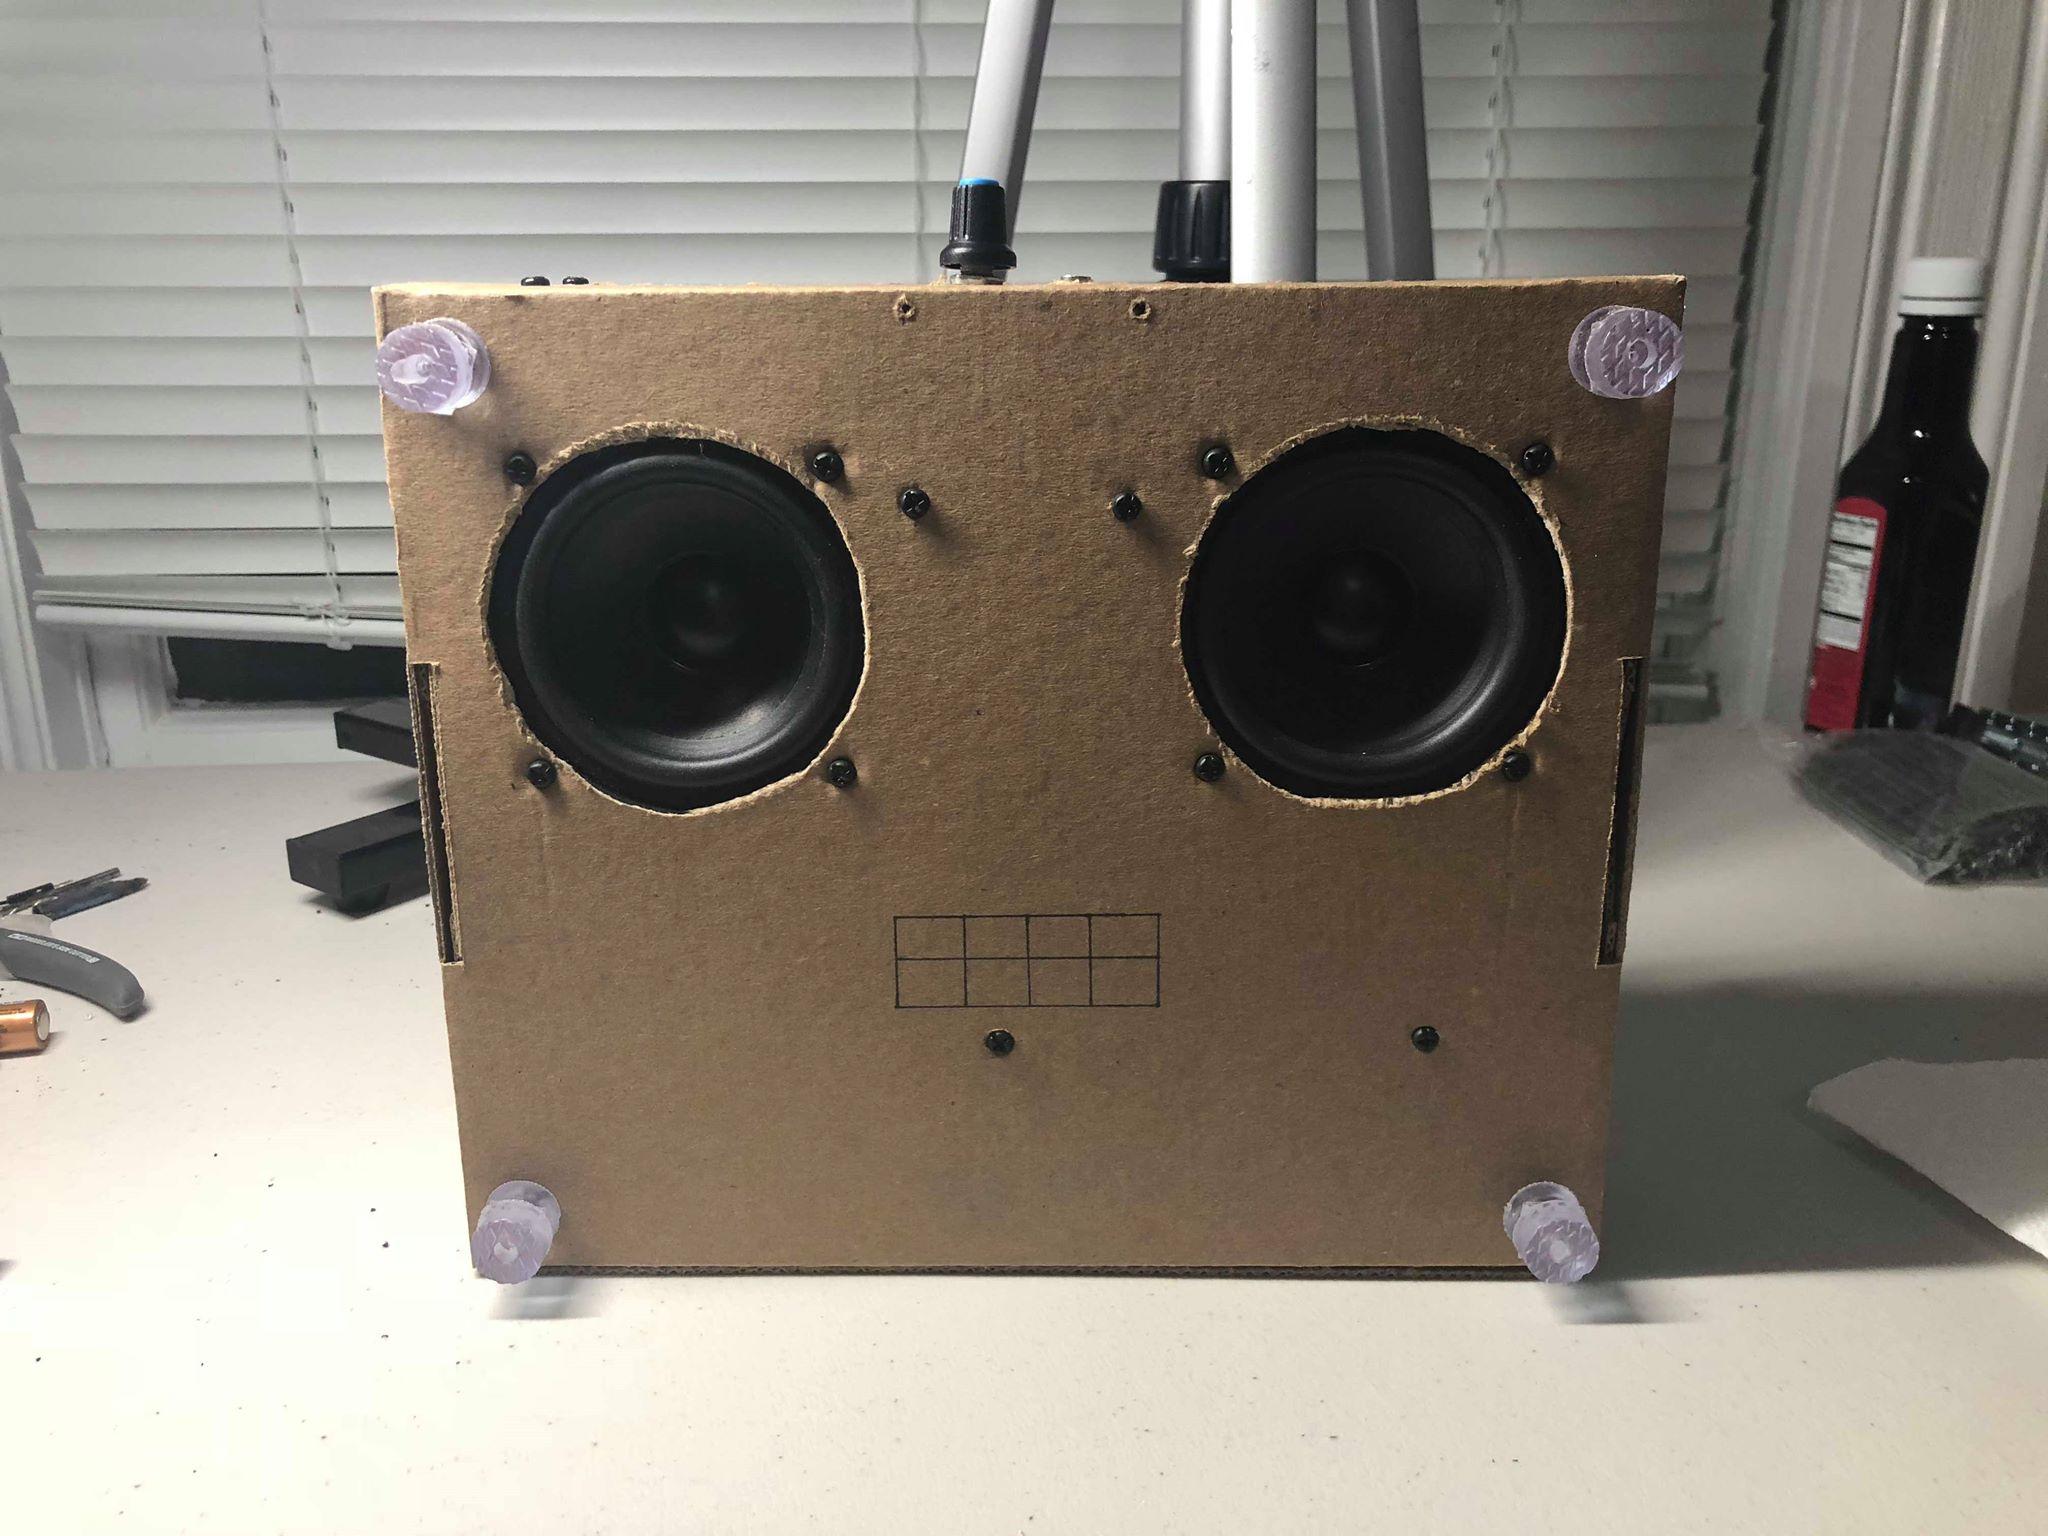 Dual Speakers for Maximum Dopeness